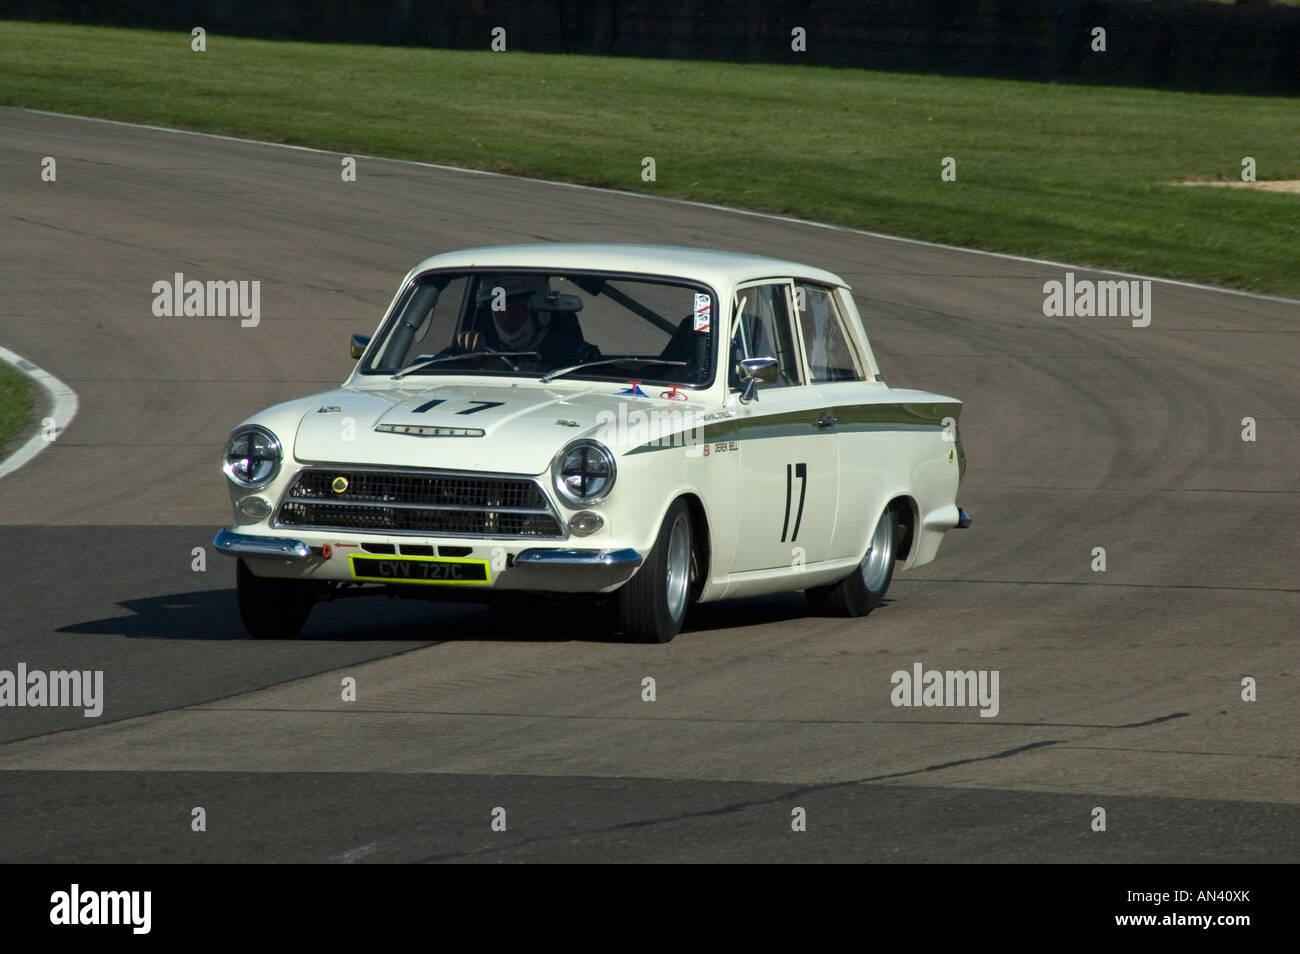 Lotus Cortina Racing Goodwood Sussex UK Stock Photo